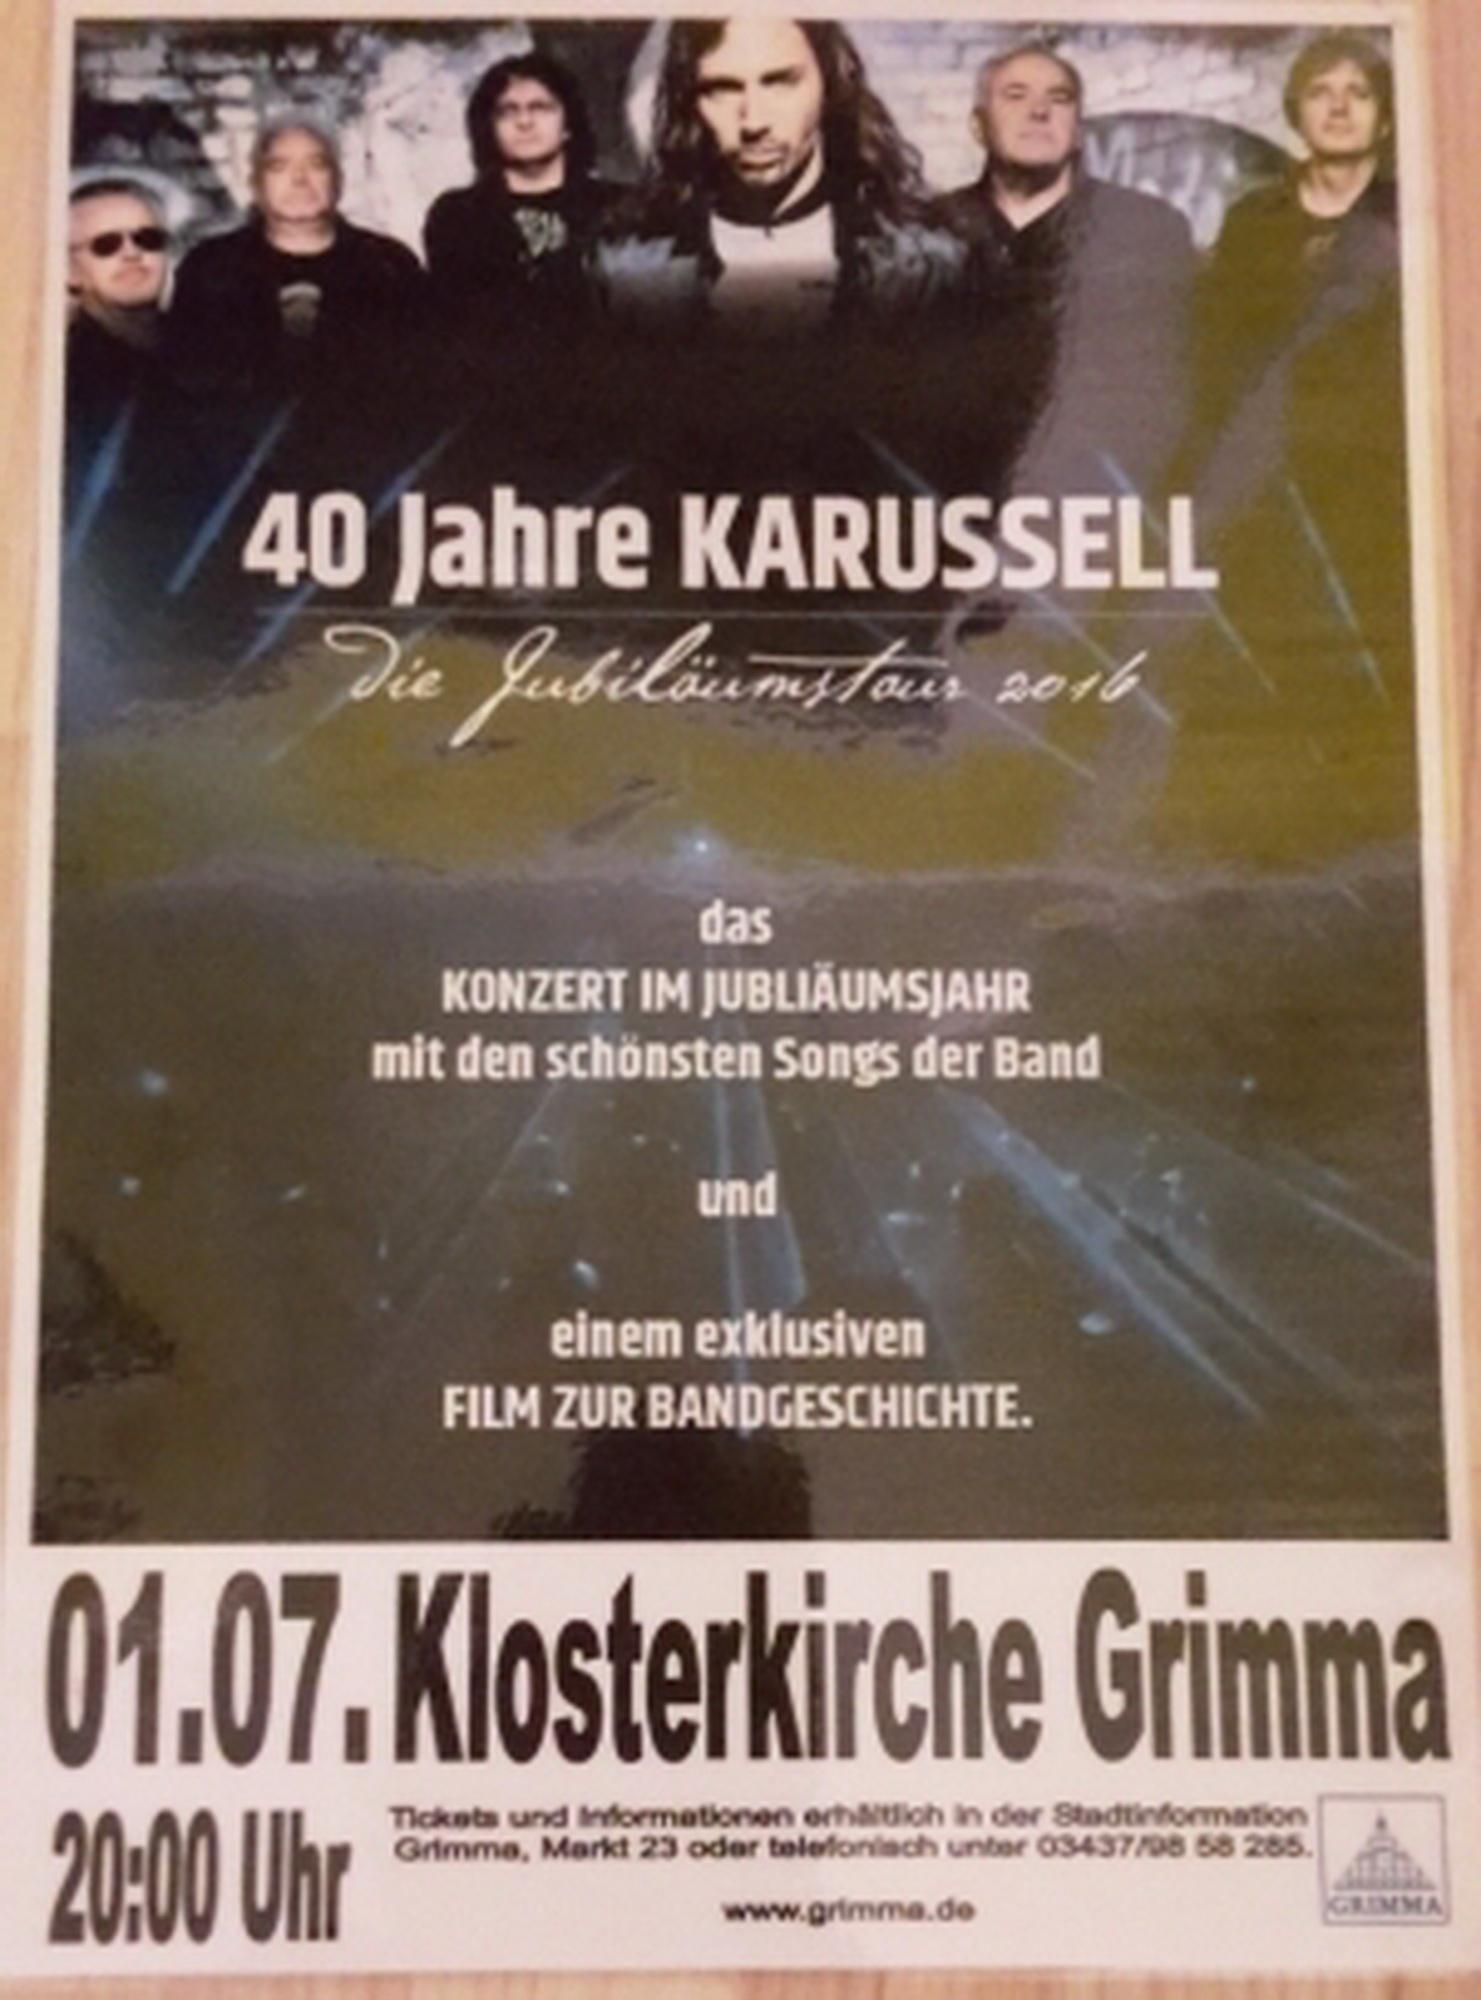 2016.07.01_Grimma_Klosterkirche